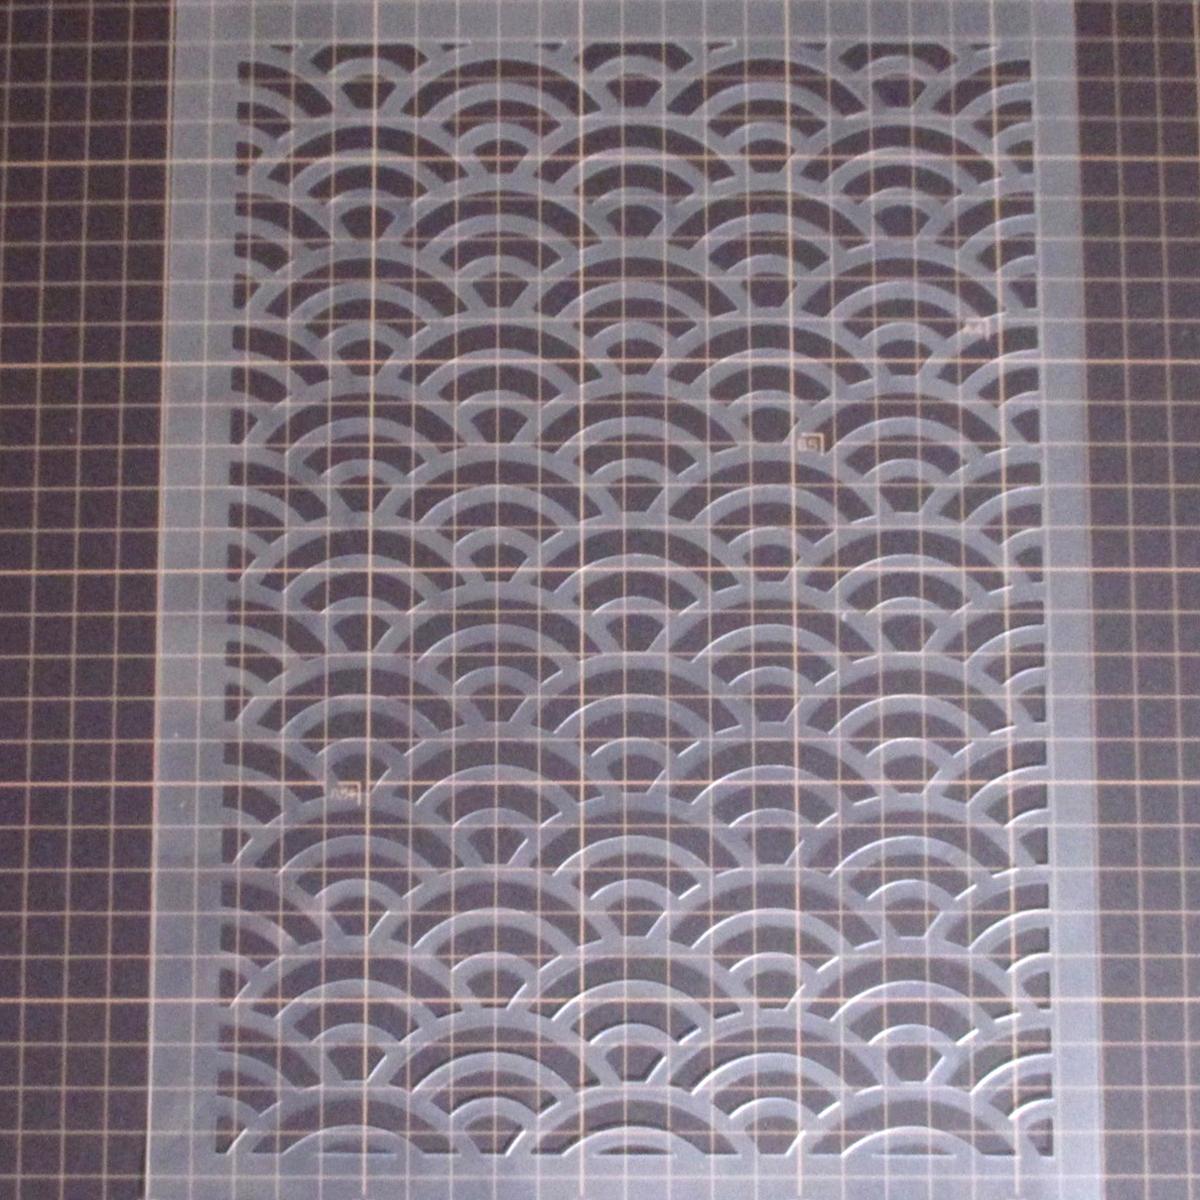 青海波 和風地紋5番 NO235 ステンシルシート 型紙図案_画像4